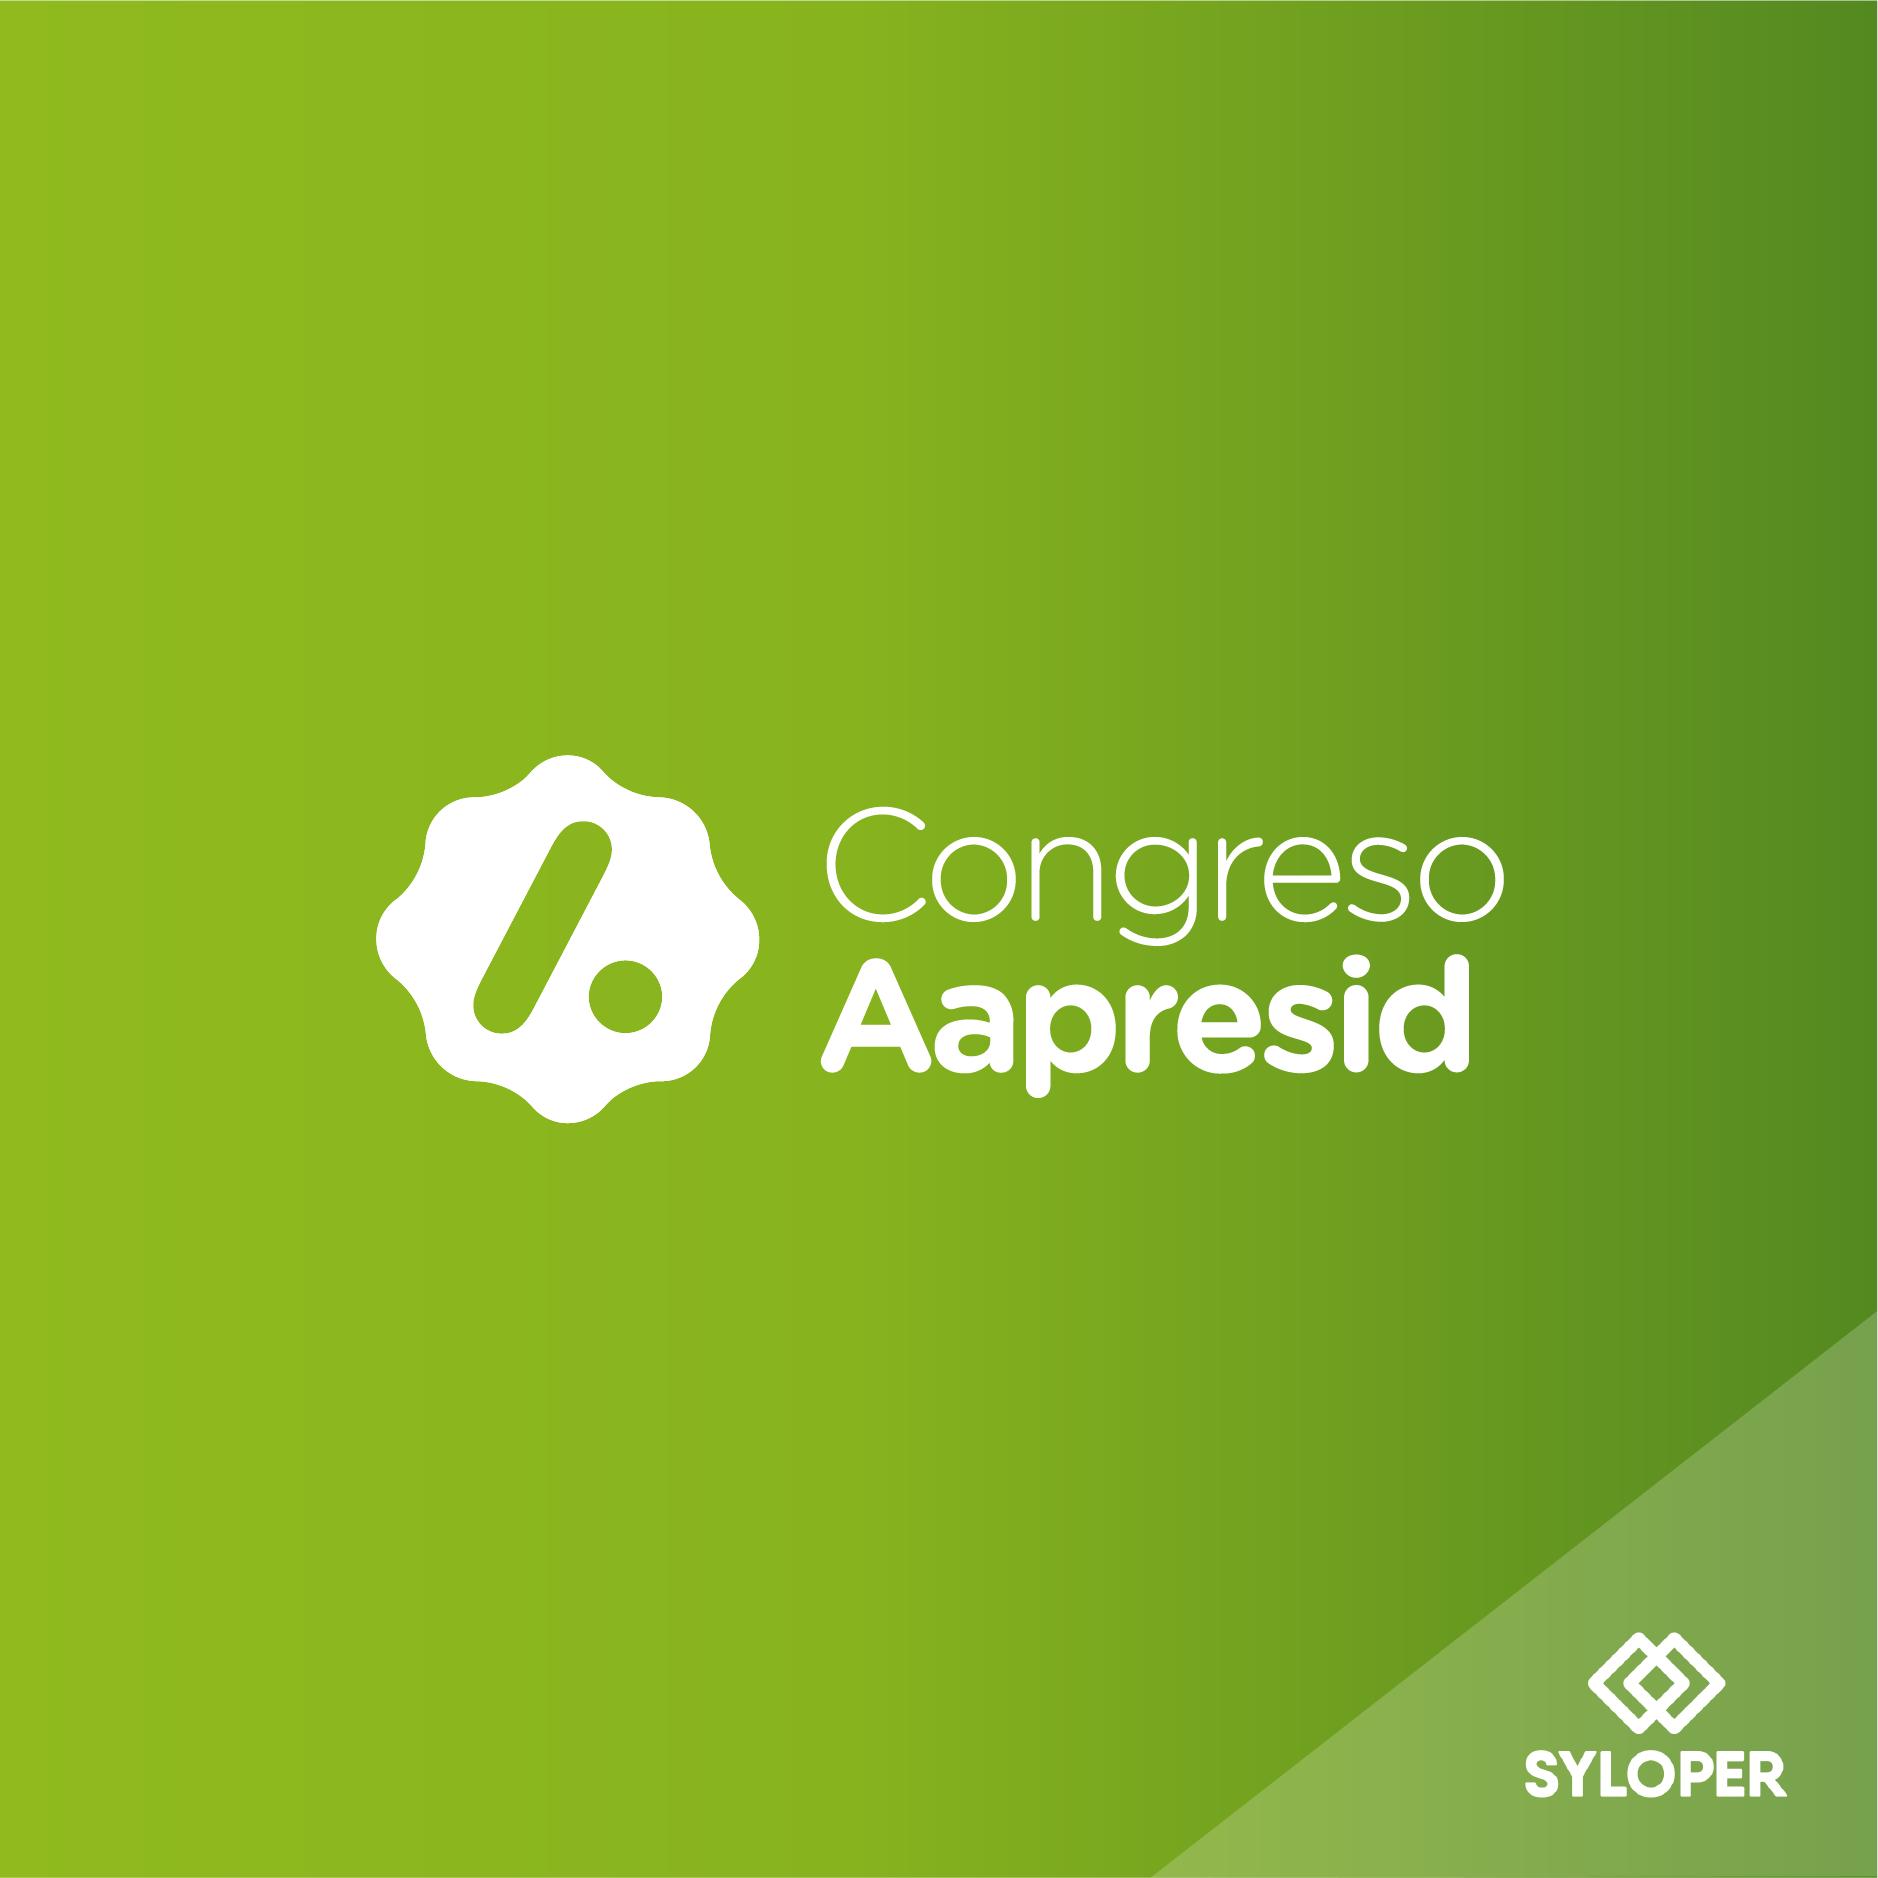 Congreso Aapresid 2020: de lo presencial a lo virtual